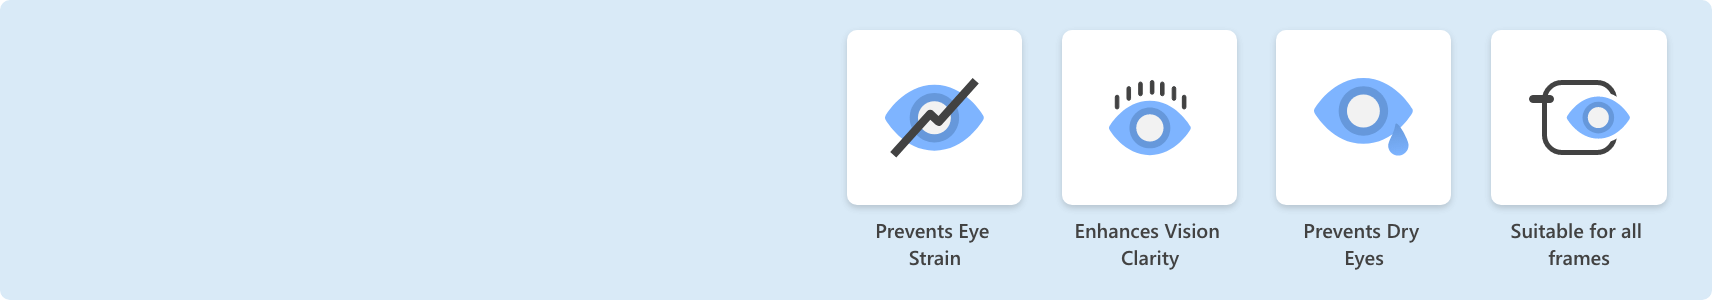 X-Blue Benefits Headaches eye strains